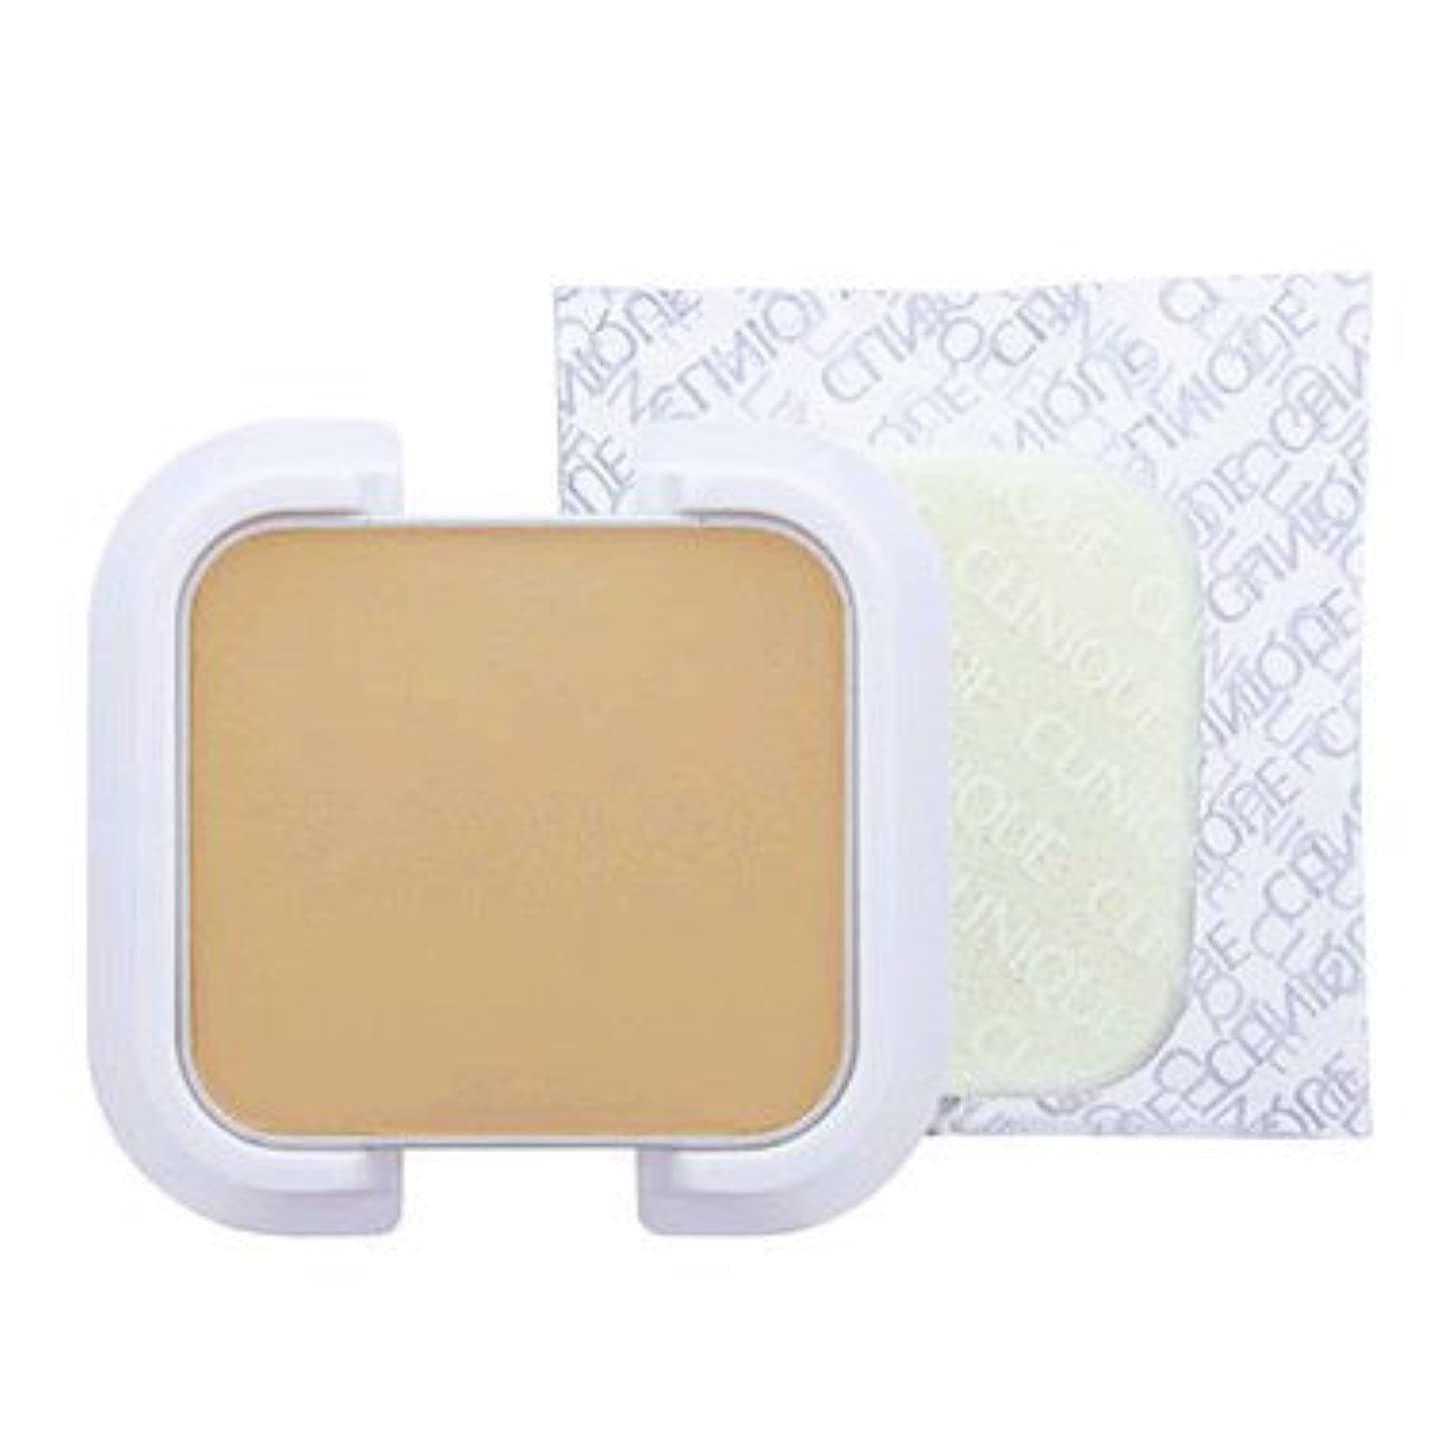 役立つフィクションからかうCLINIQUE クリニーク イーブン ベター パウダー メークアップ ウォーター ヴェール 27 (リフィル) #64 cream beige SPF27/PA+++ 10g [並行輸入品]